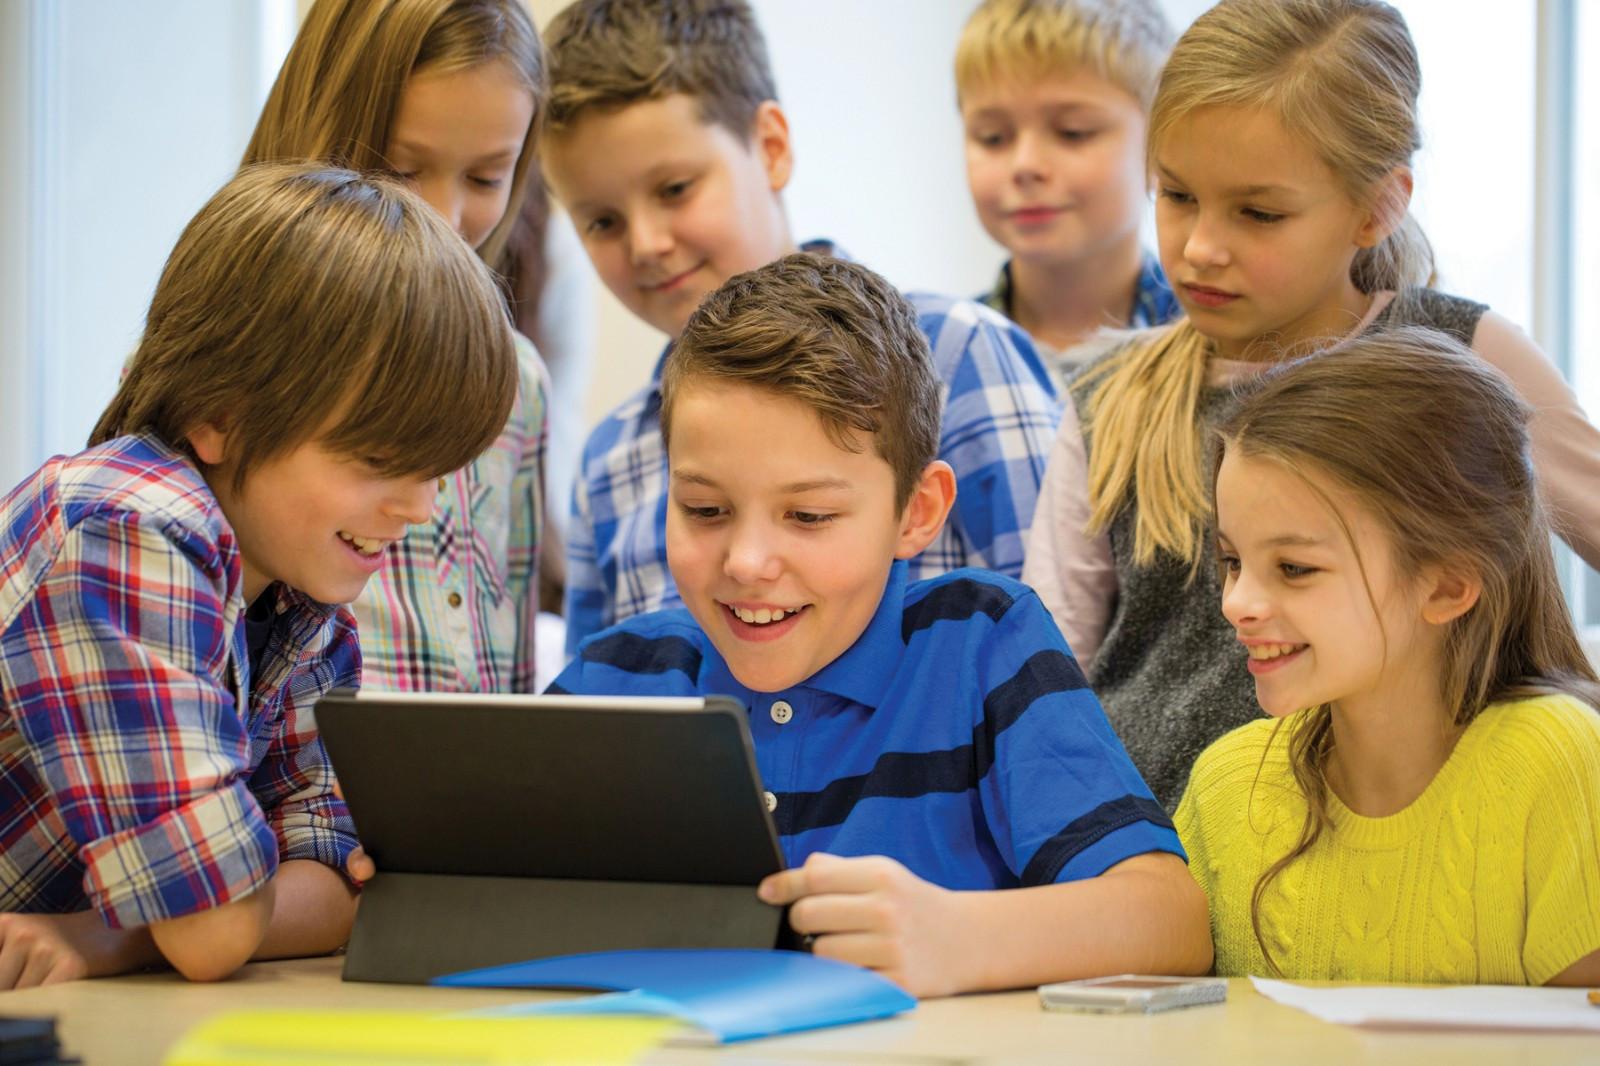 强大的团队与完善的教学体系